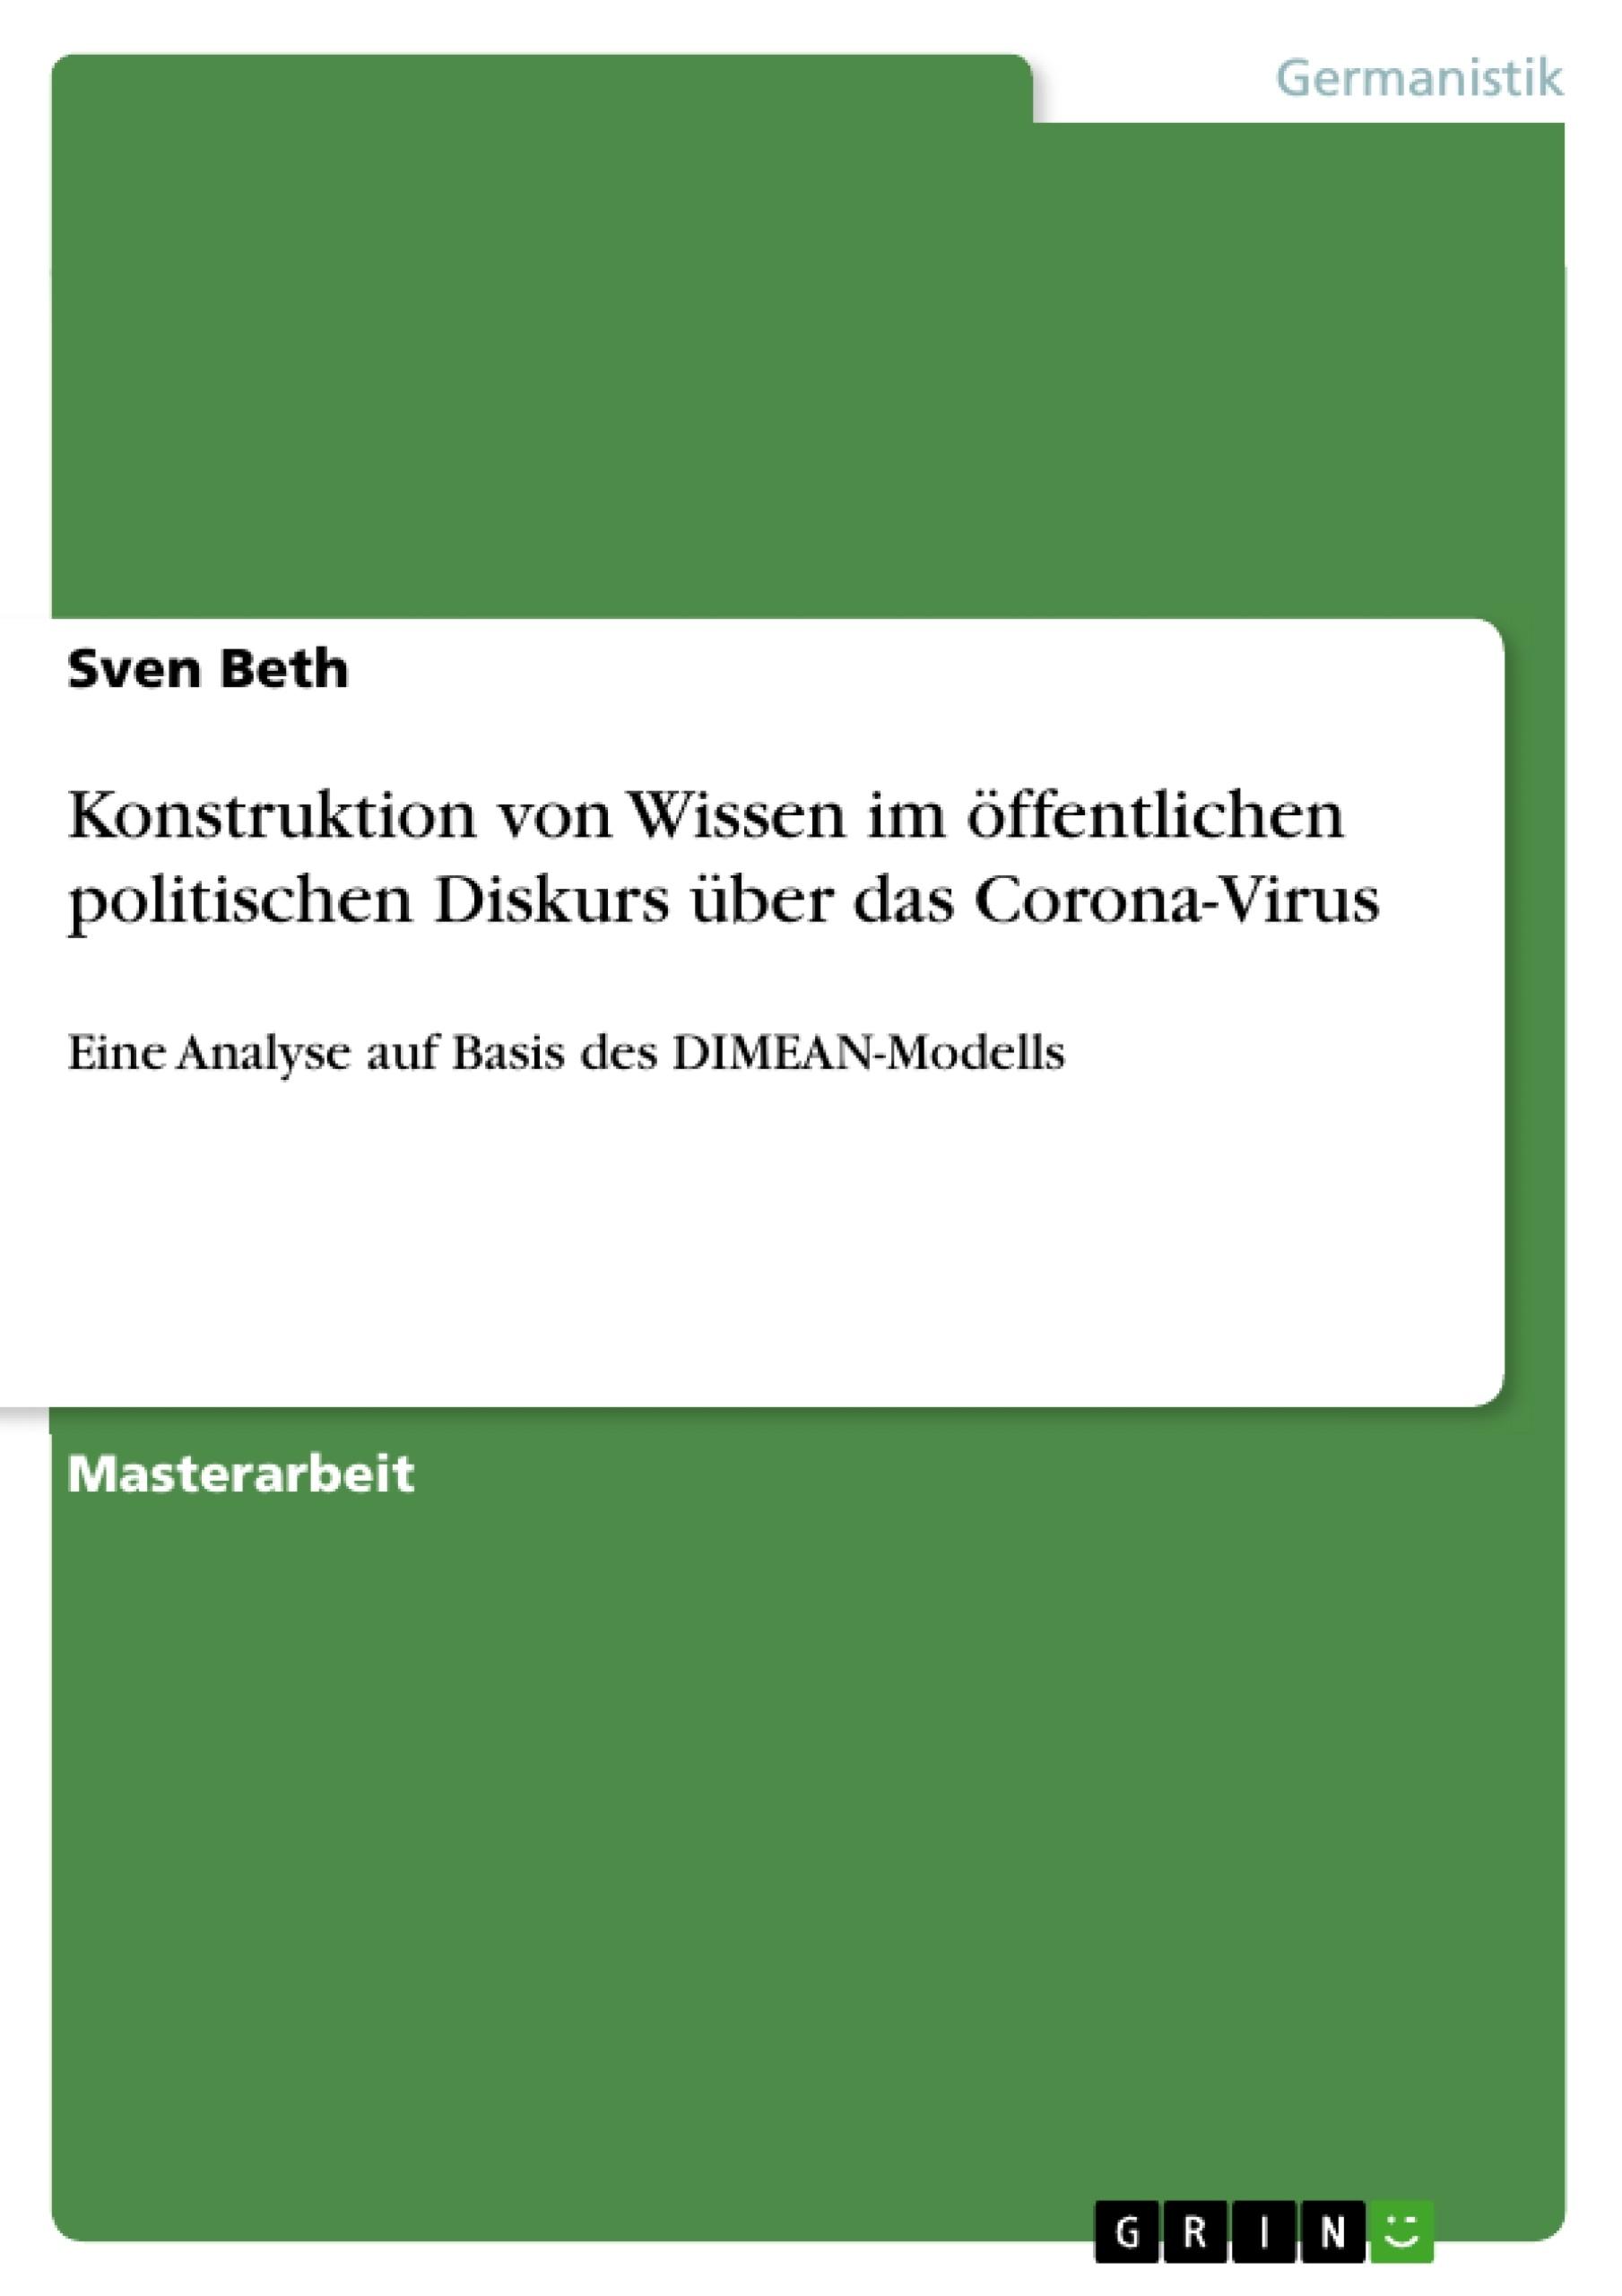 Titel: Konstruktion von Wissen im öffentlichen politischen Diskurs über das Corona-Virus